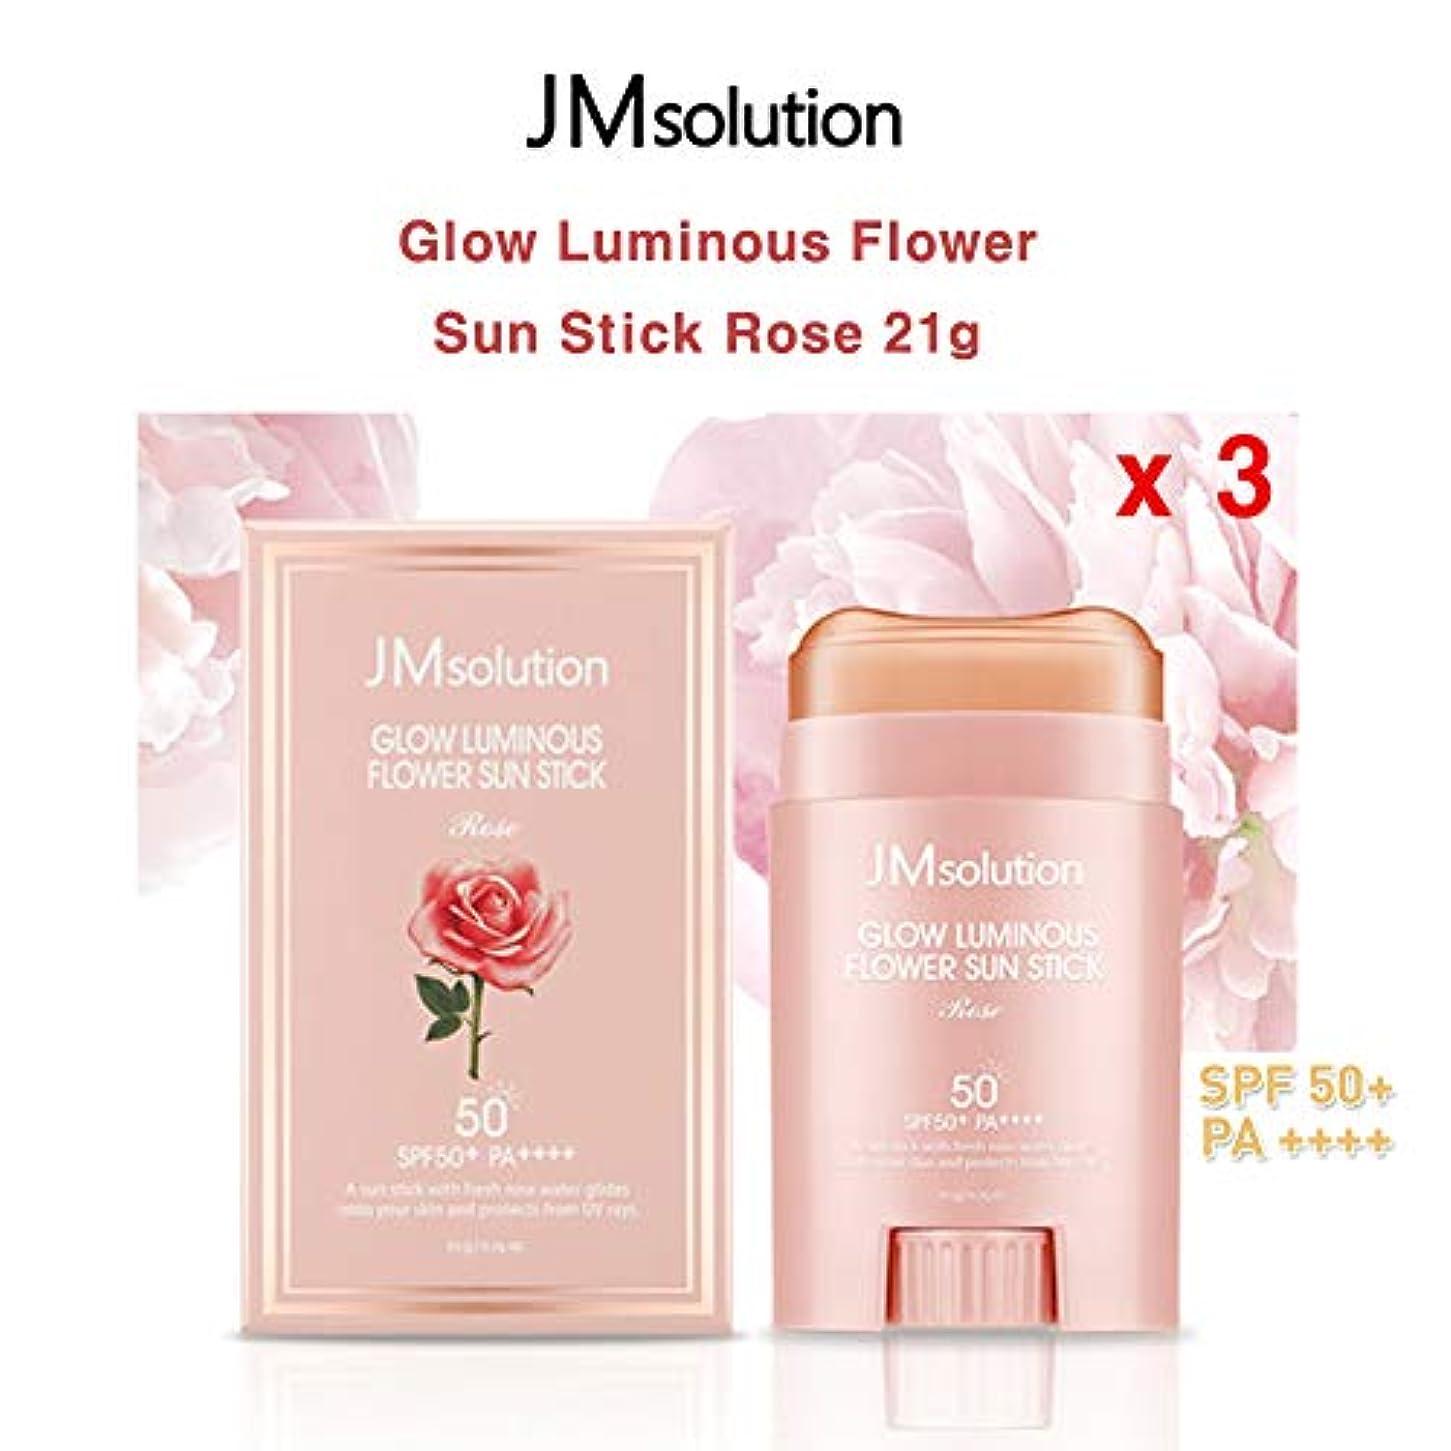 コンテンツ支配するネコJM Solution ★1+1+1★ Glow Luminous Flower Sun Stick Rose 21g (spf50 PA) 光る輝く花Sun Stick Rose